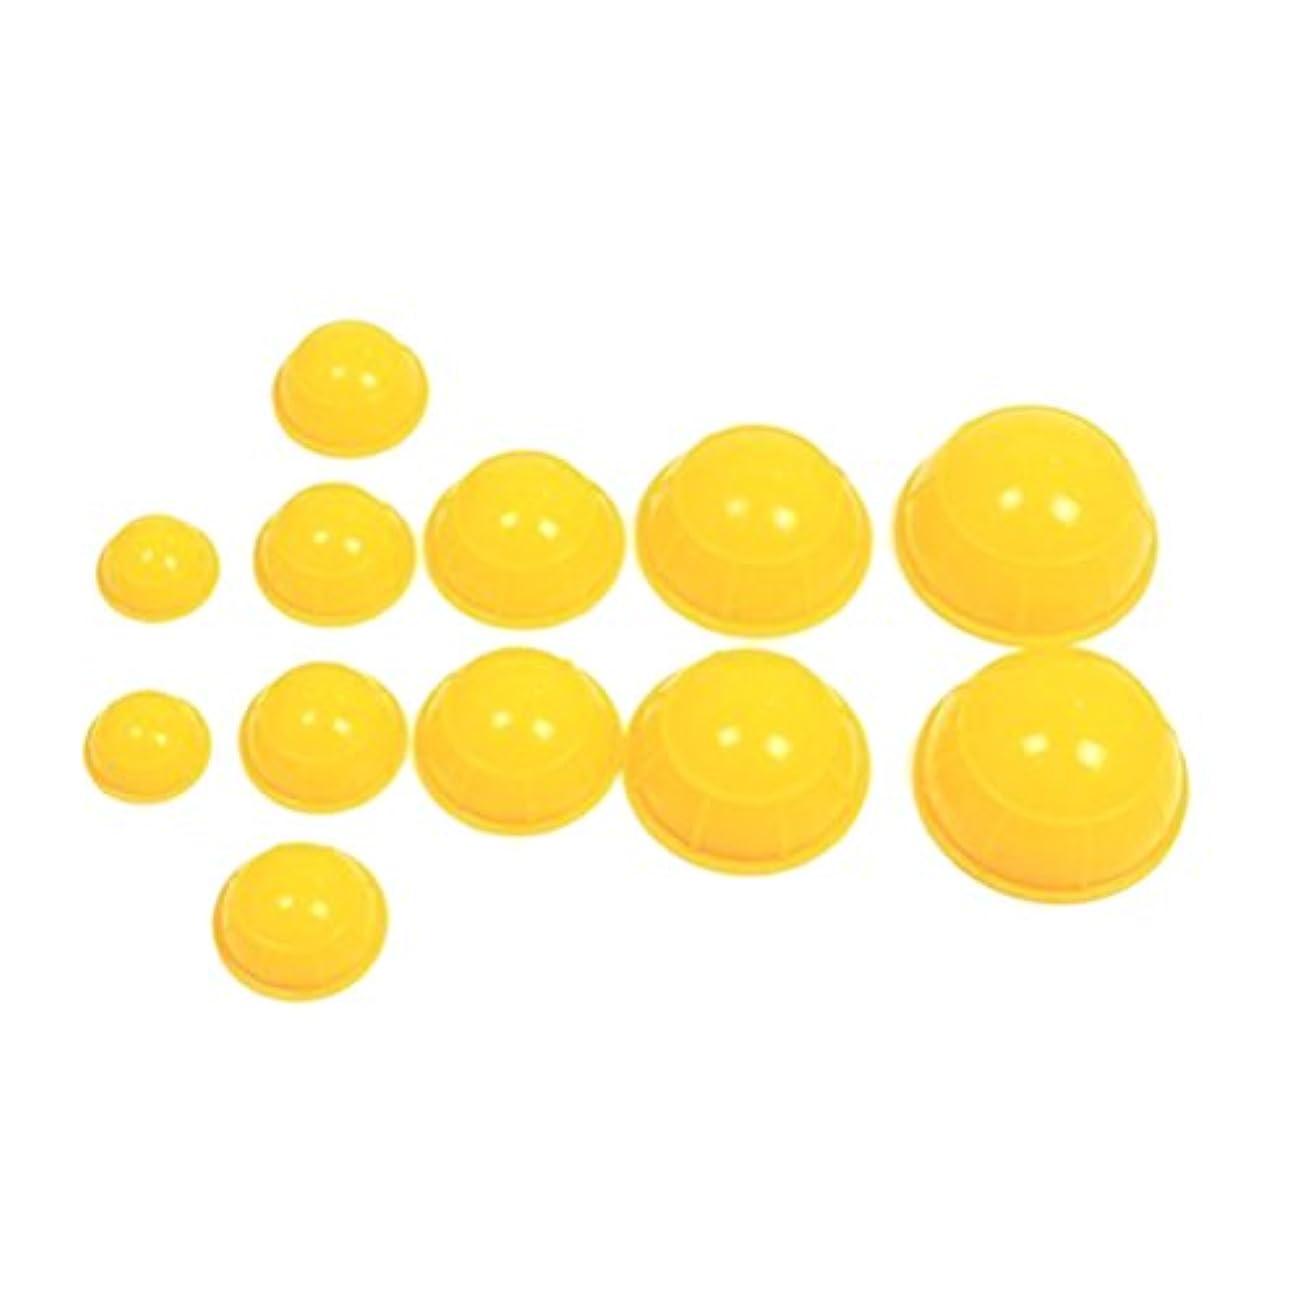 葉っぱブリリアントコアROSENICE シリコーンマッサージカッピングカップセットボディフェイシャルセラピーカッピングカップ12個(イエロー)